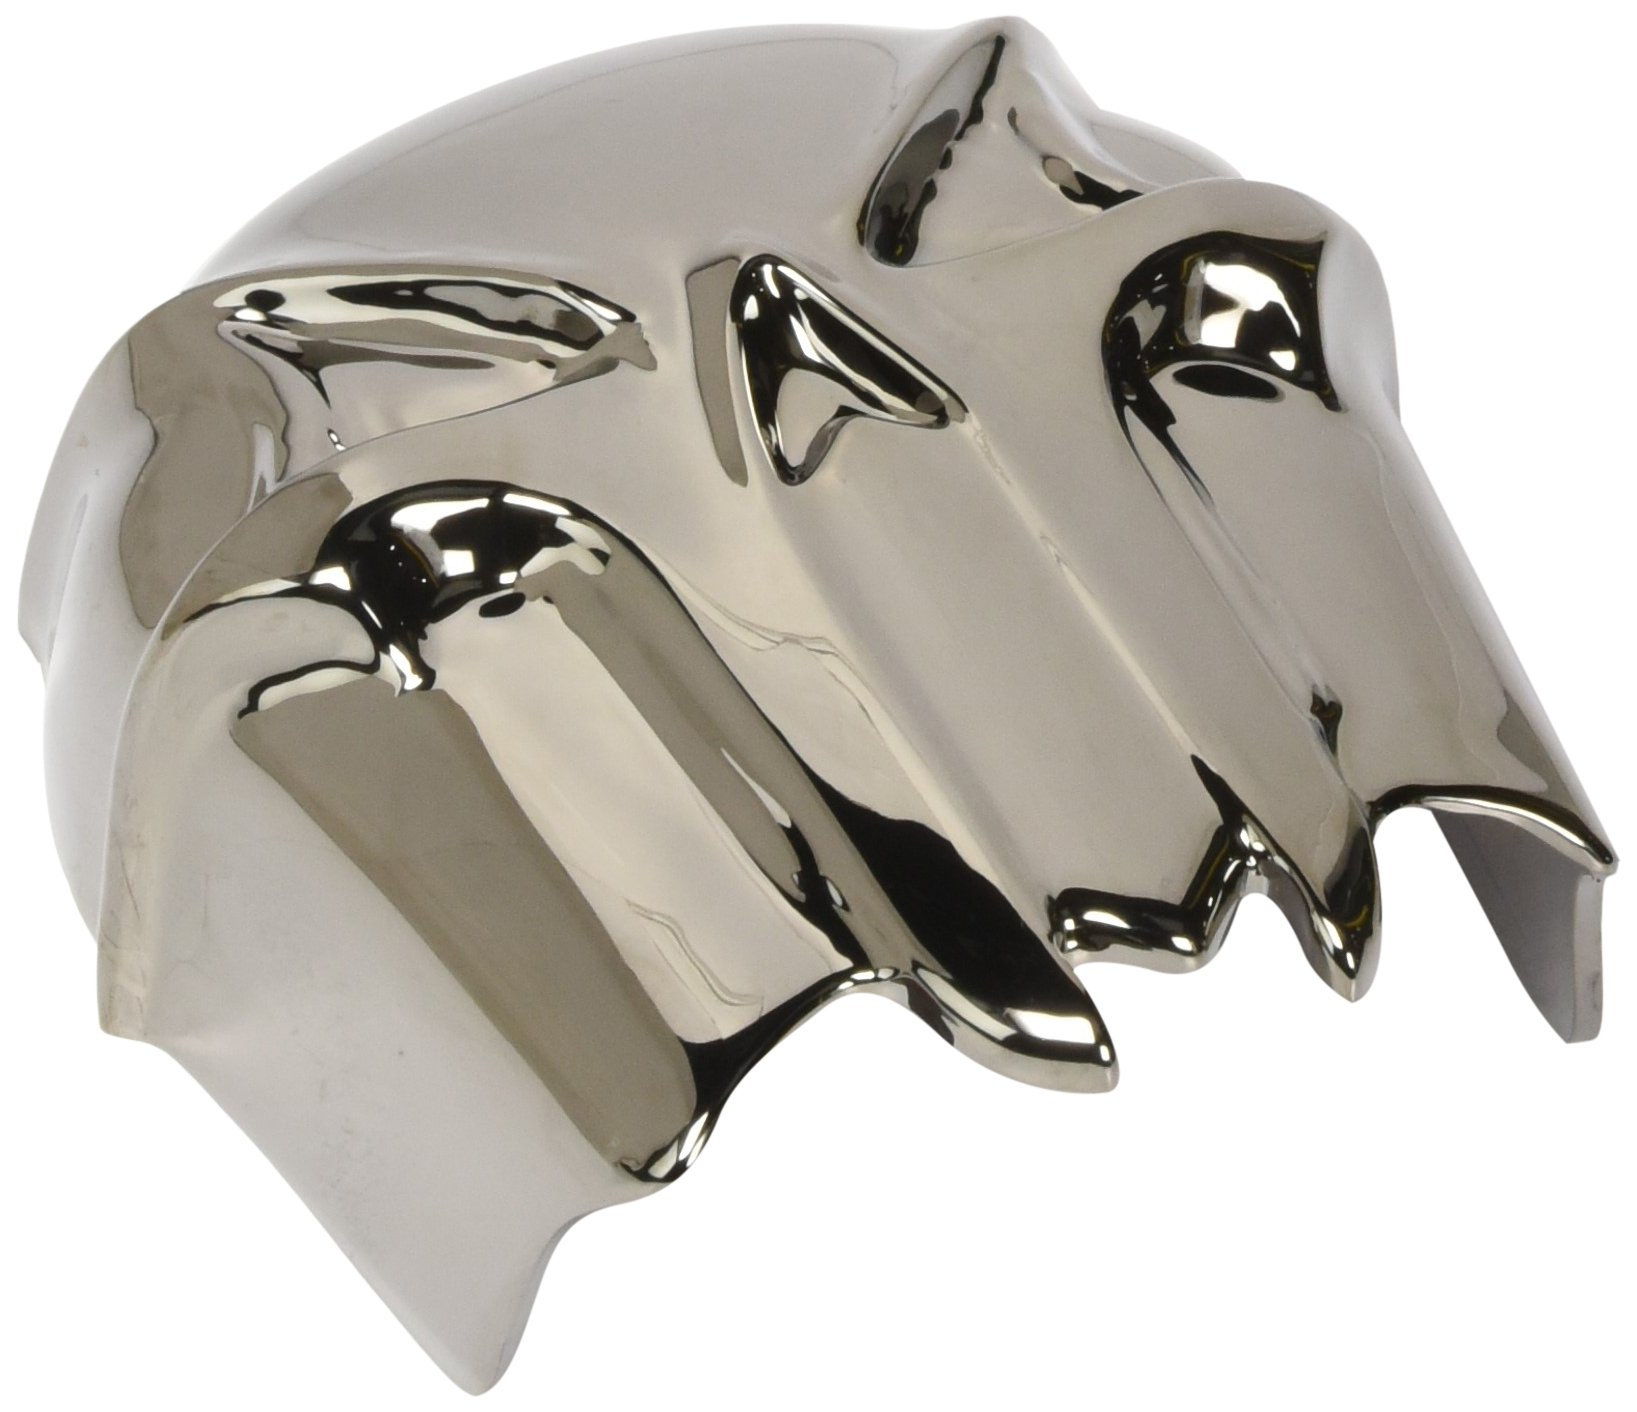 Kuryakyn 7741 Black/Chrome Skull Horn Cover